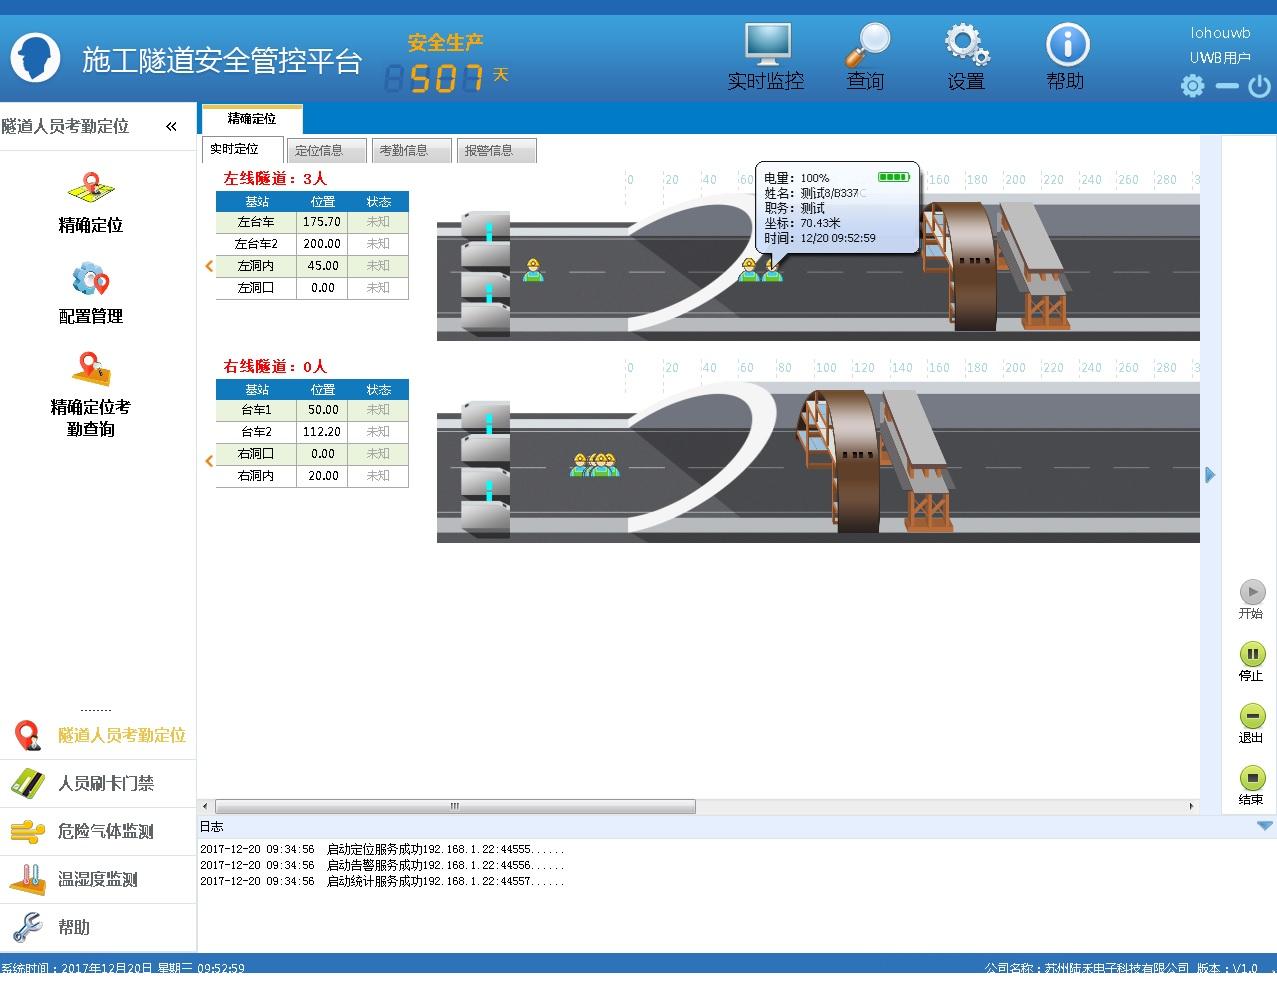 陆禾施工隧道人员精确定位系统